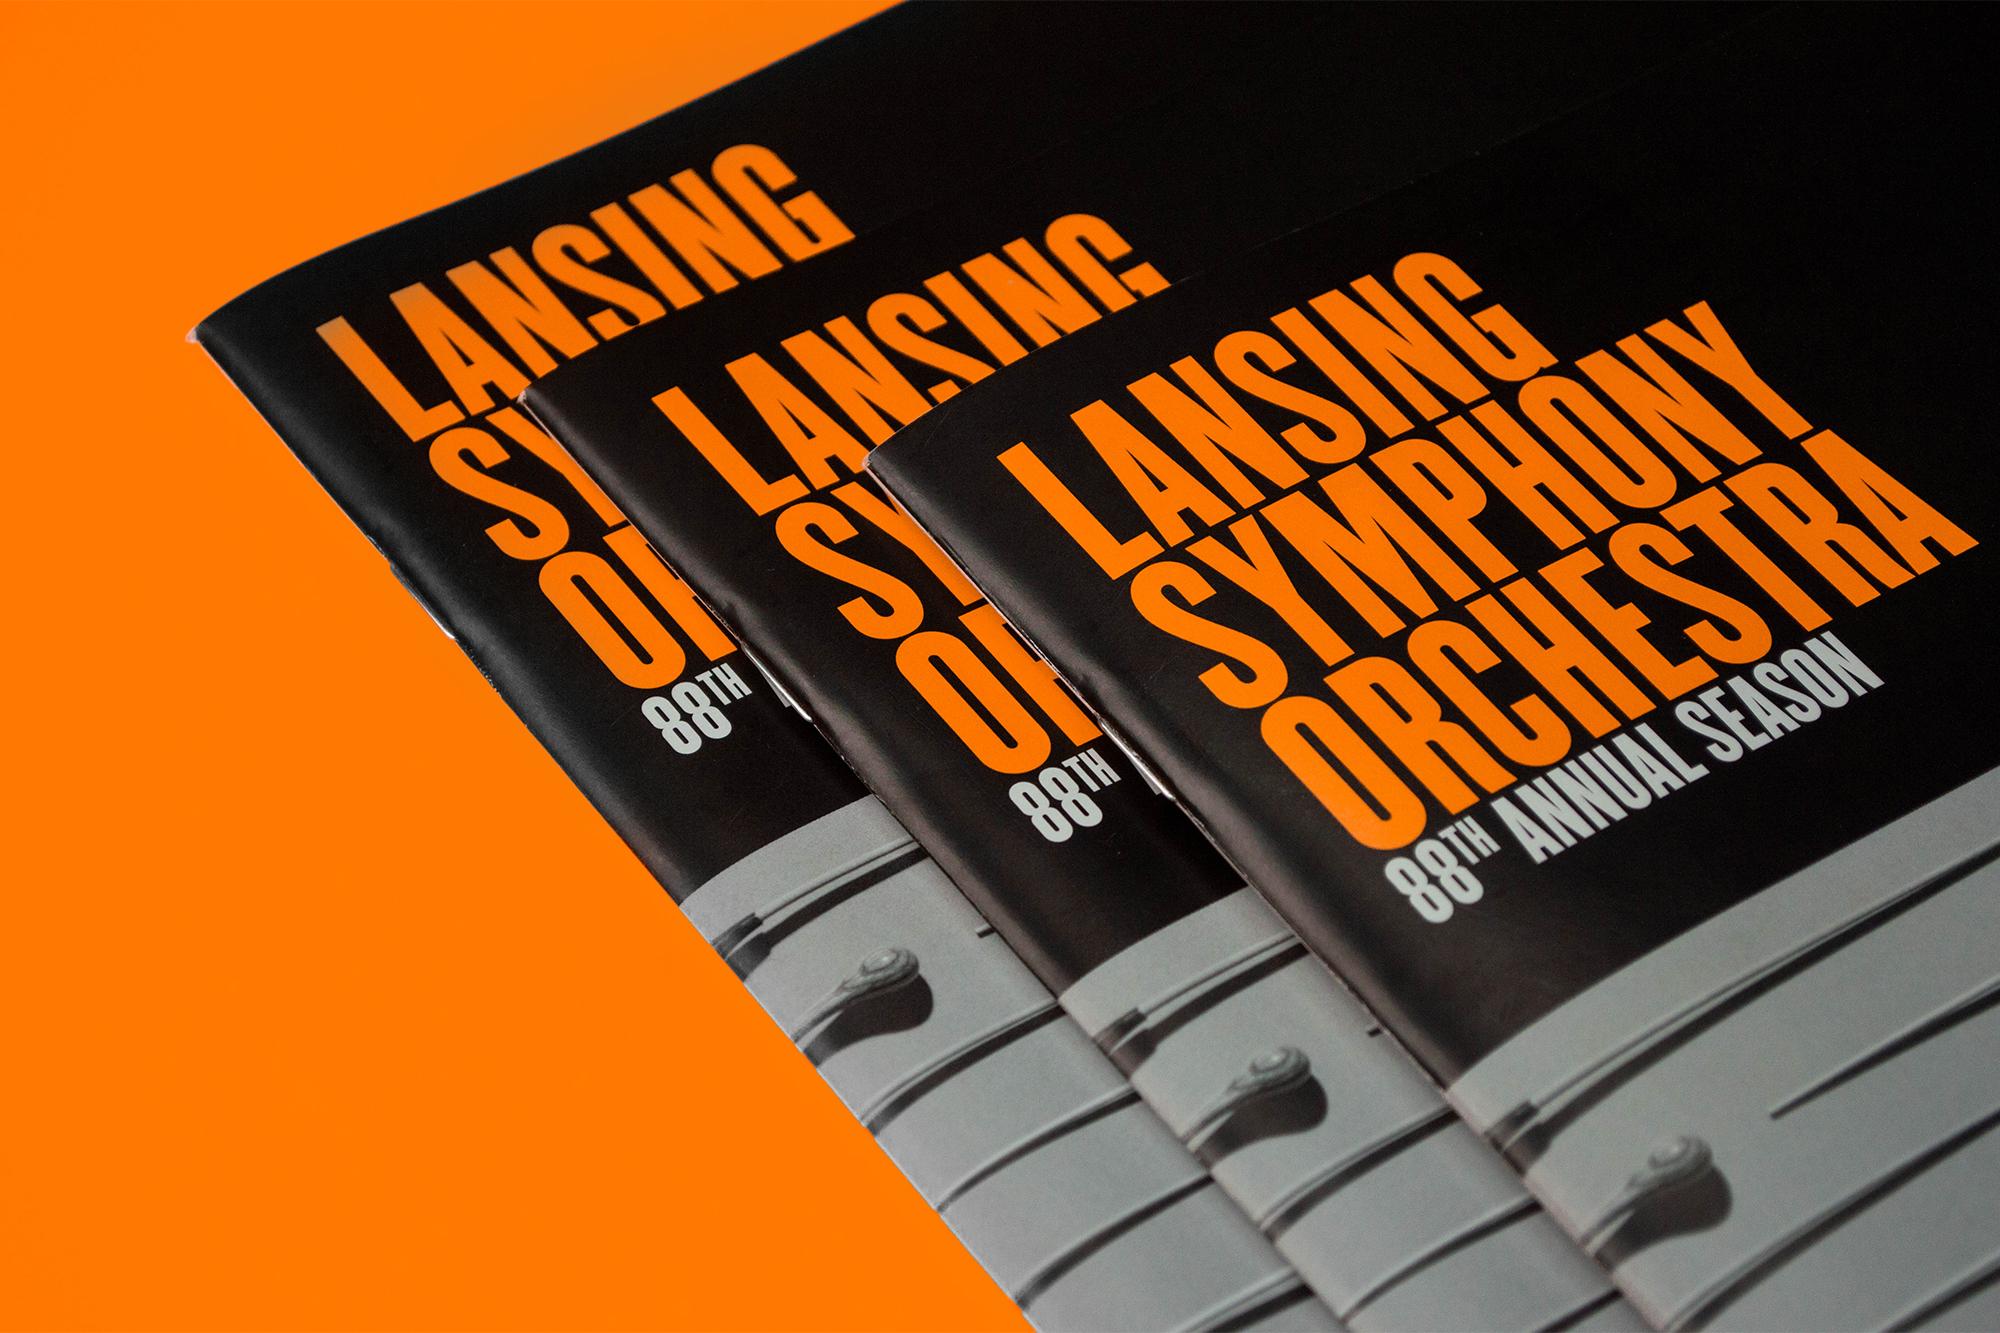 LSO 88th Season Campaign